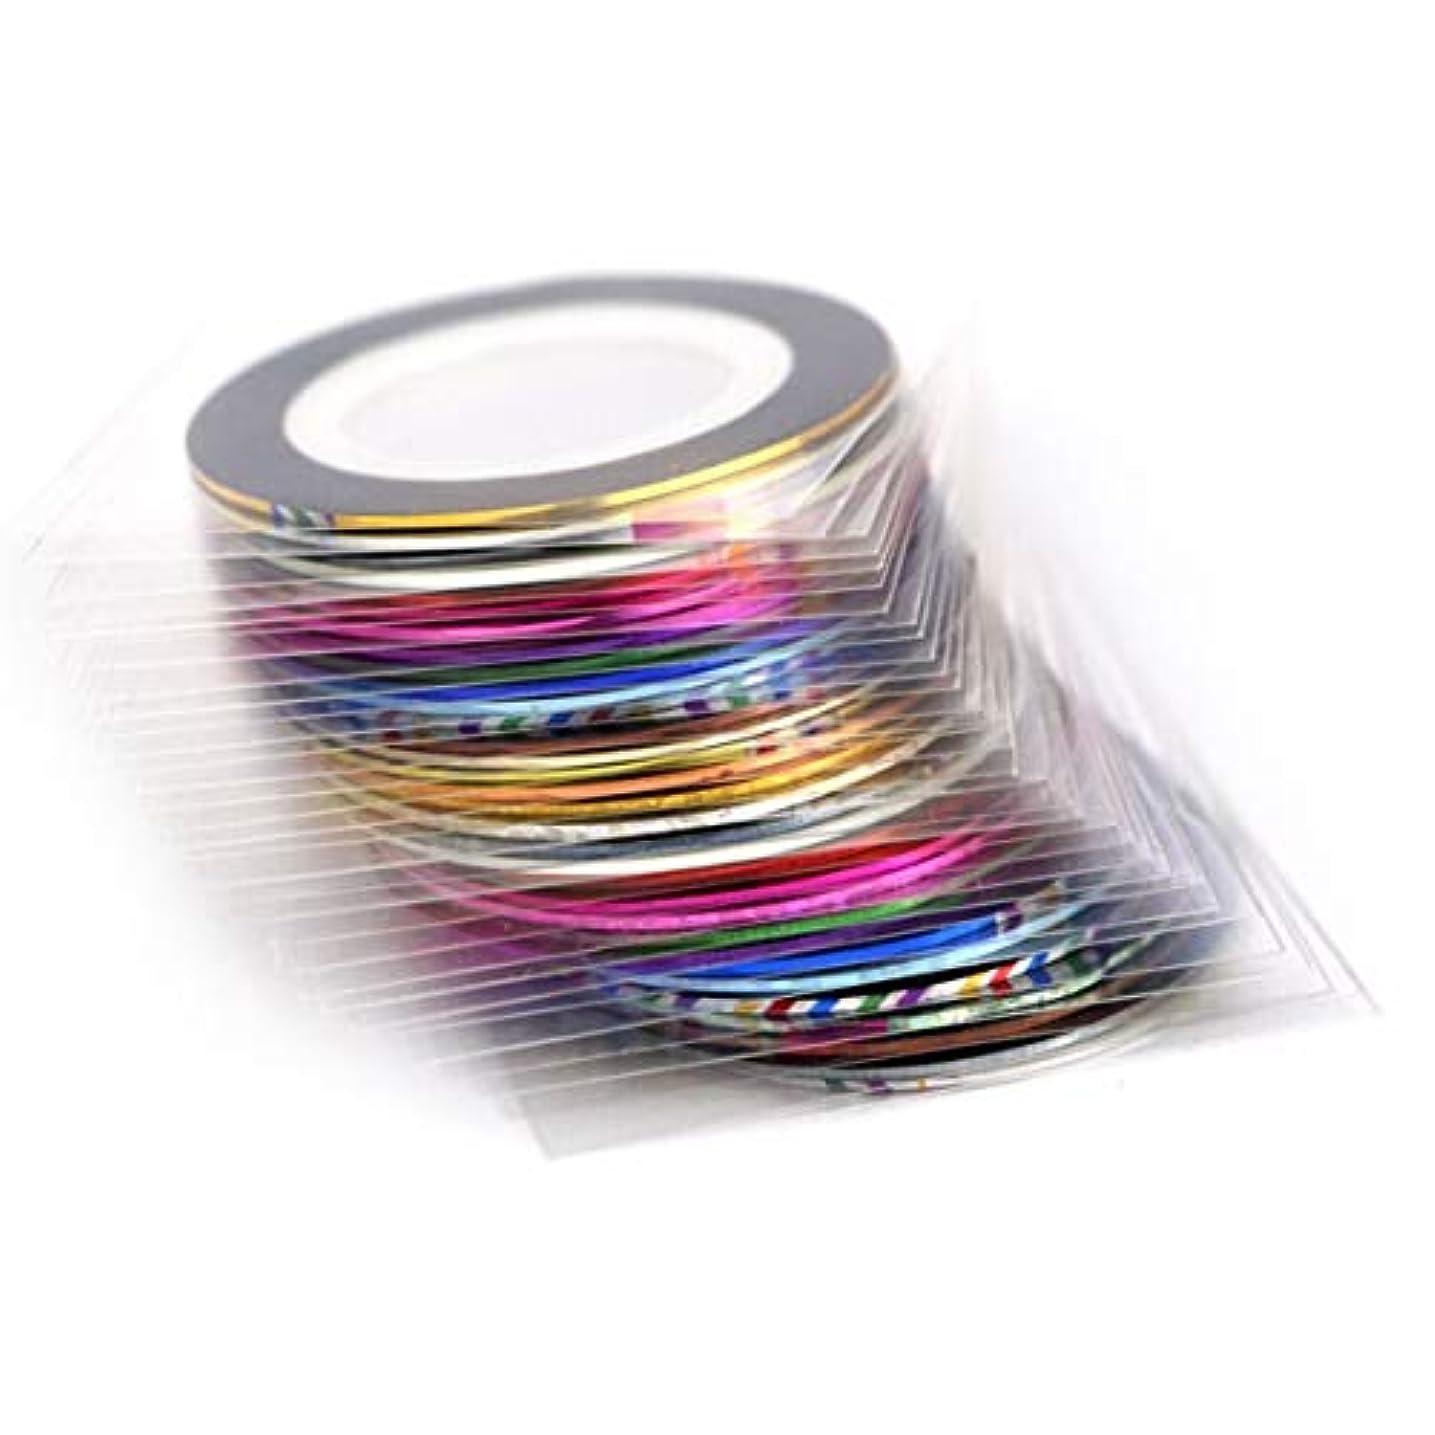 目立つ相続人爆弾バードランタンネイルゴールドスレッドペースト色付きドローイングライン接着テープネイルステッカー10色20色30色